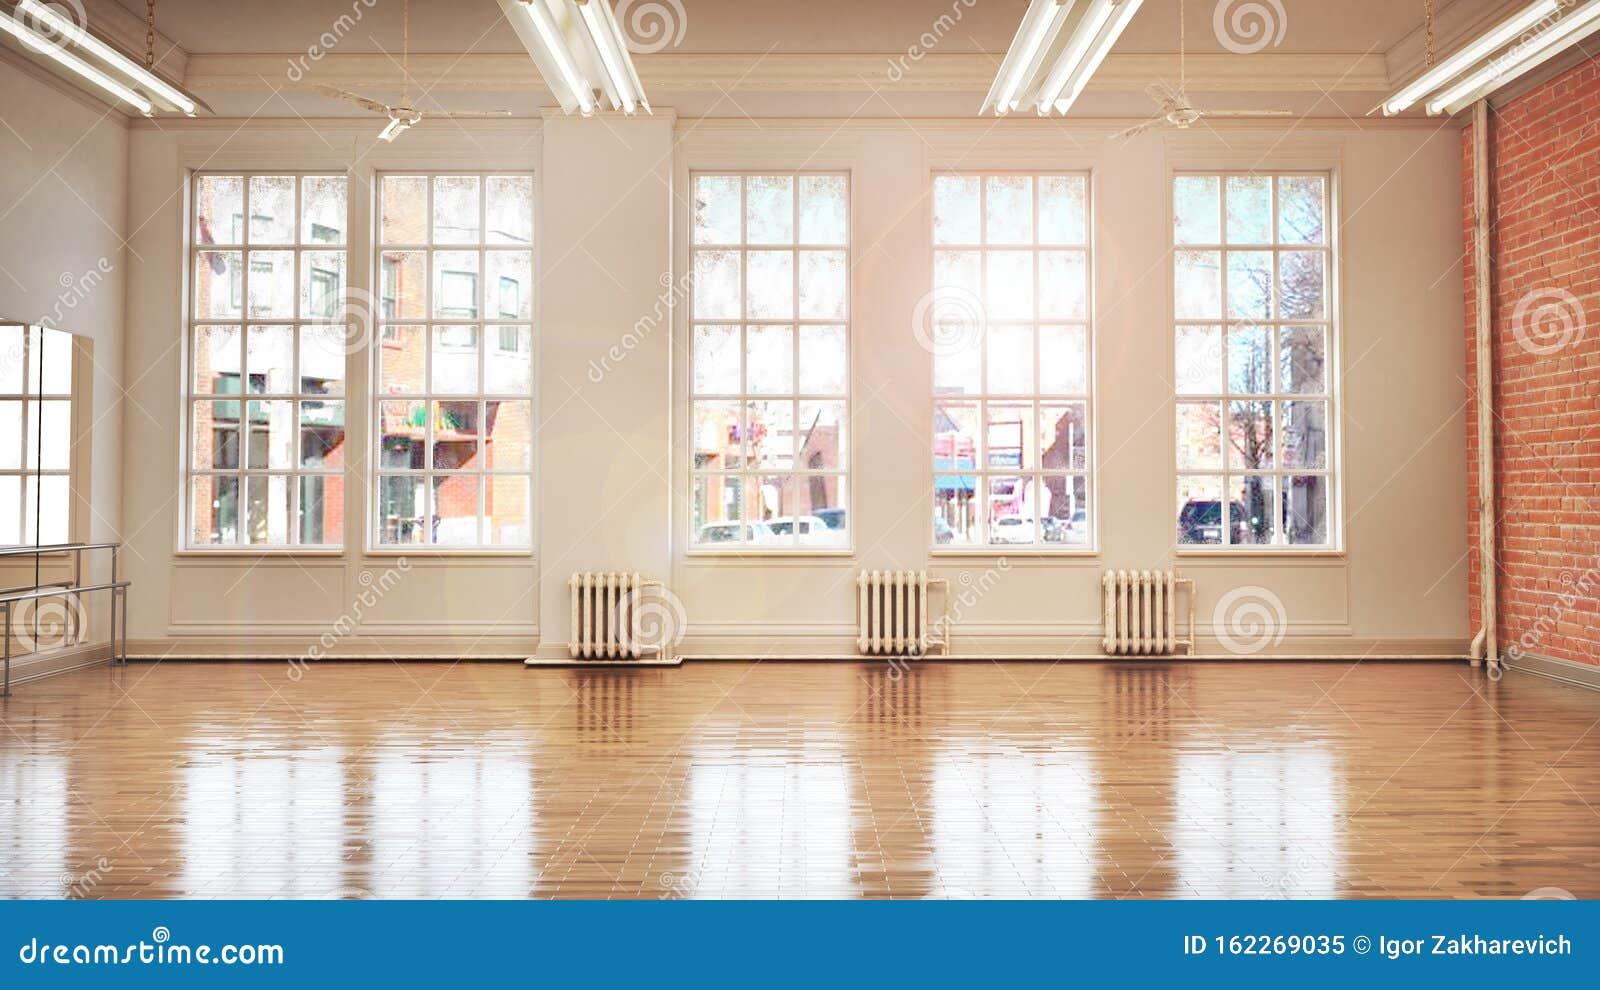 Dance Or Ballet Studio Interior Stock Illustration Illustration Of Glass Energy 162269035